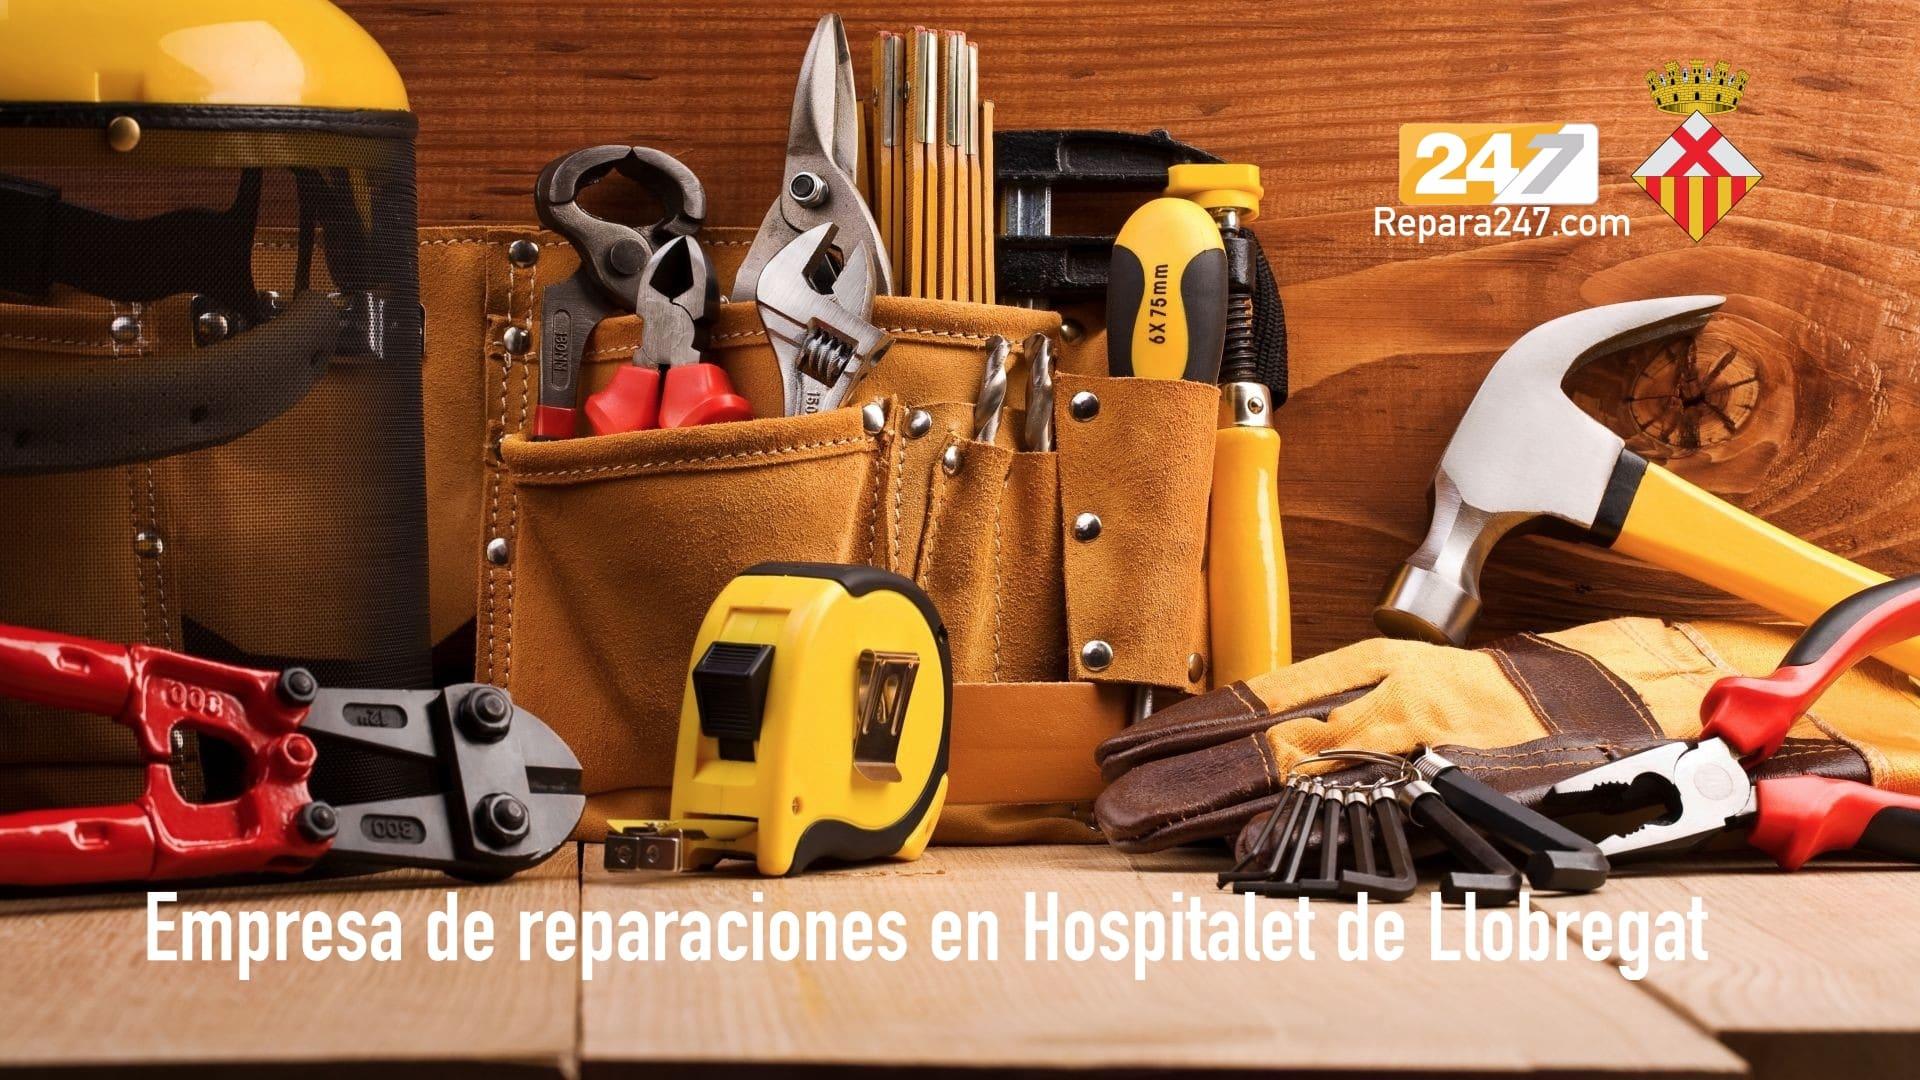 Empresa de reparaciones en Hospitalet de Llobregat